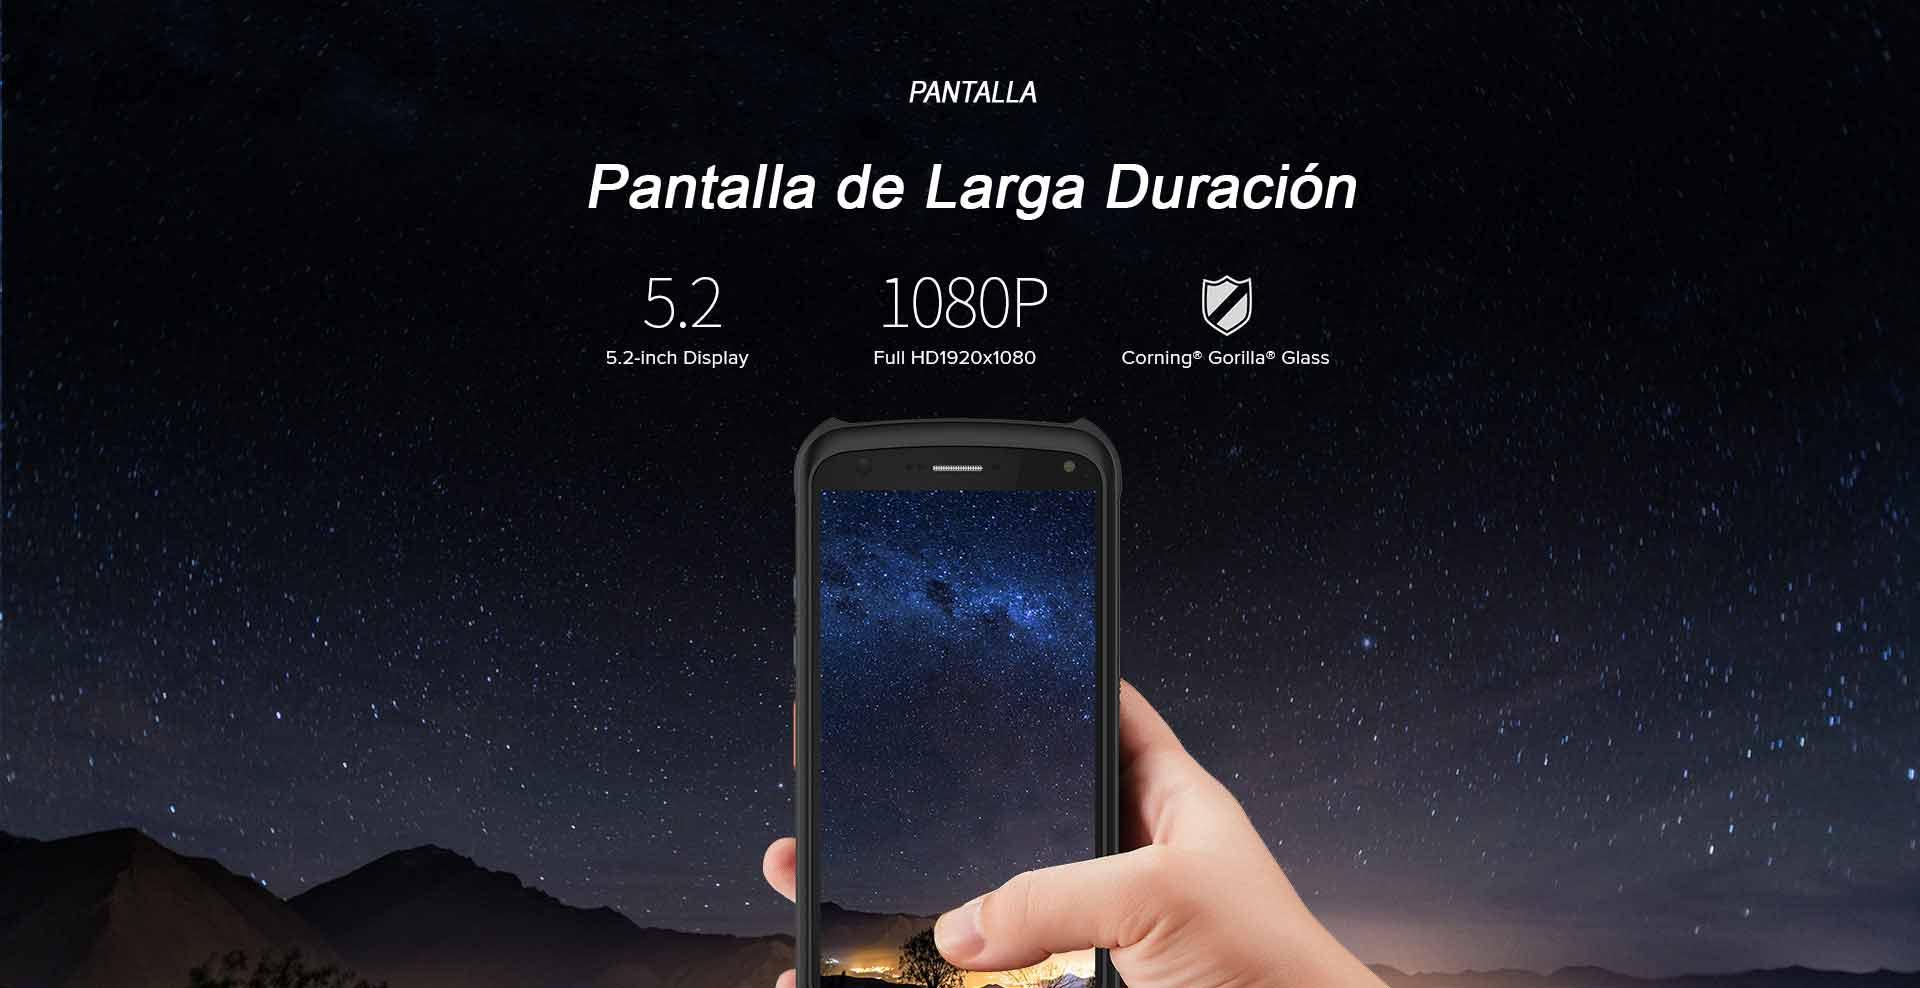 PANTALLA LARGA DURACION C70 CHAINWAY